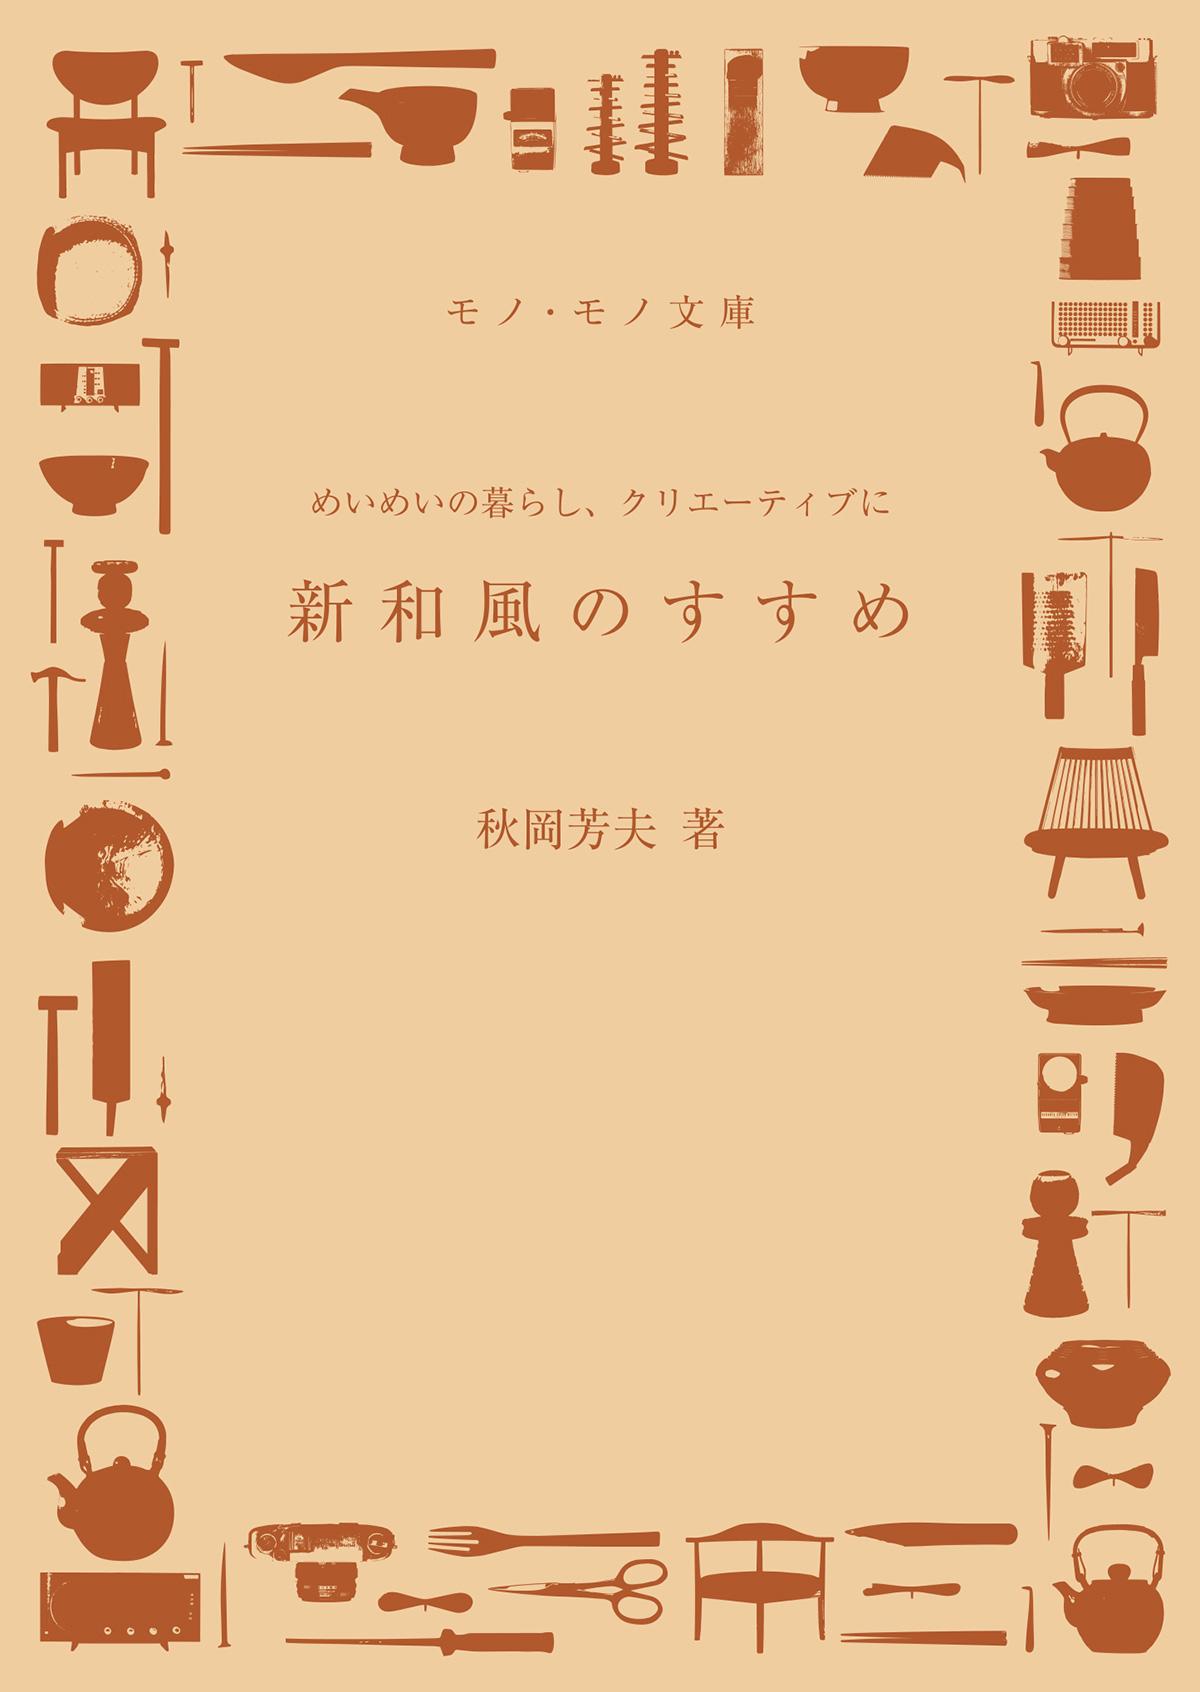 秋岡芳夫「新和風のすすめ」